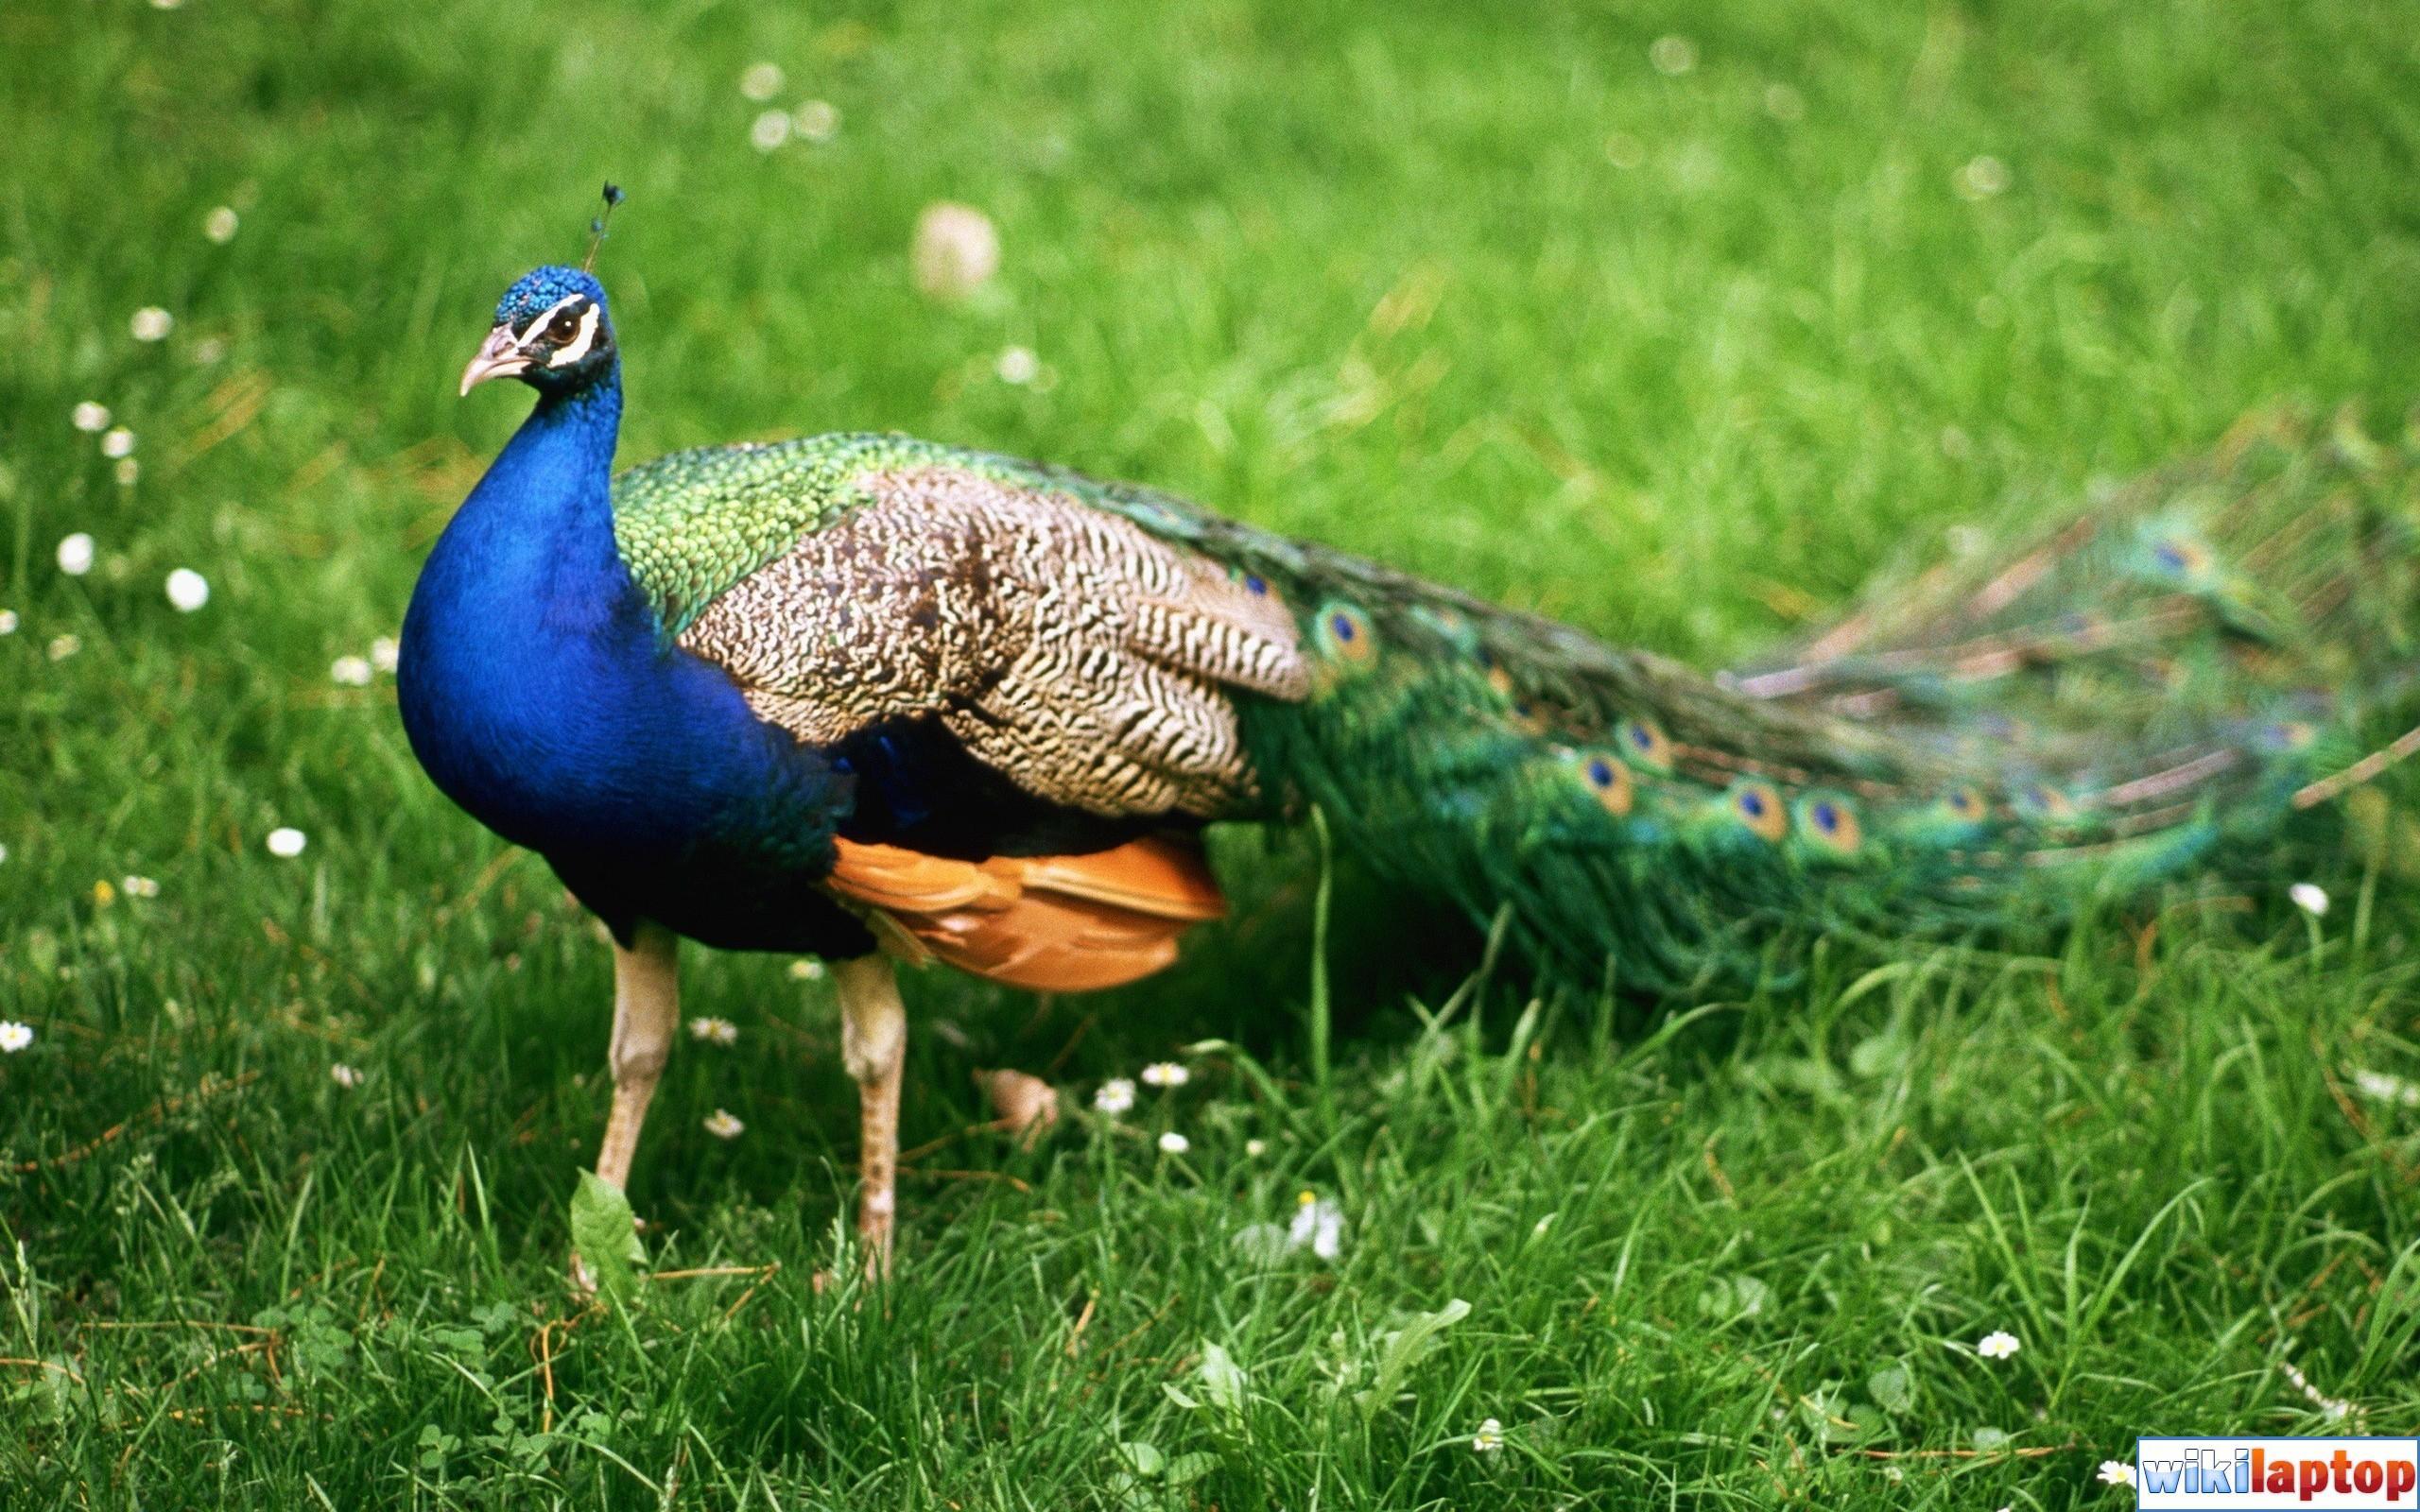 Tải hình ảnh chim công đẹp thế giới